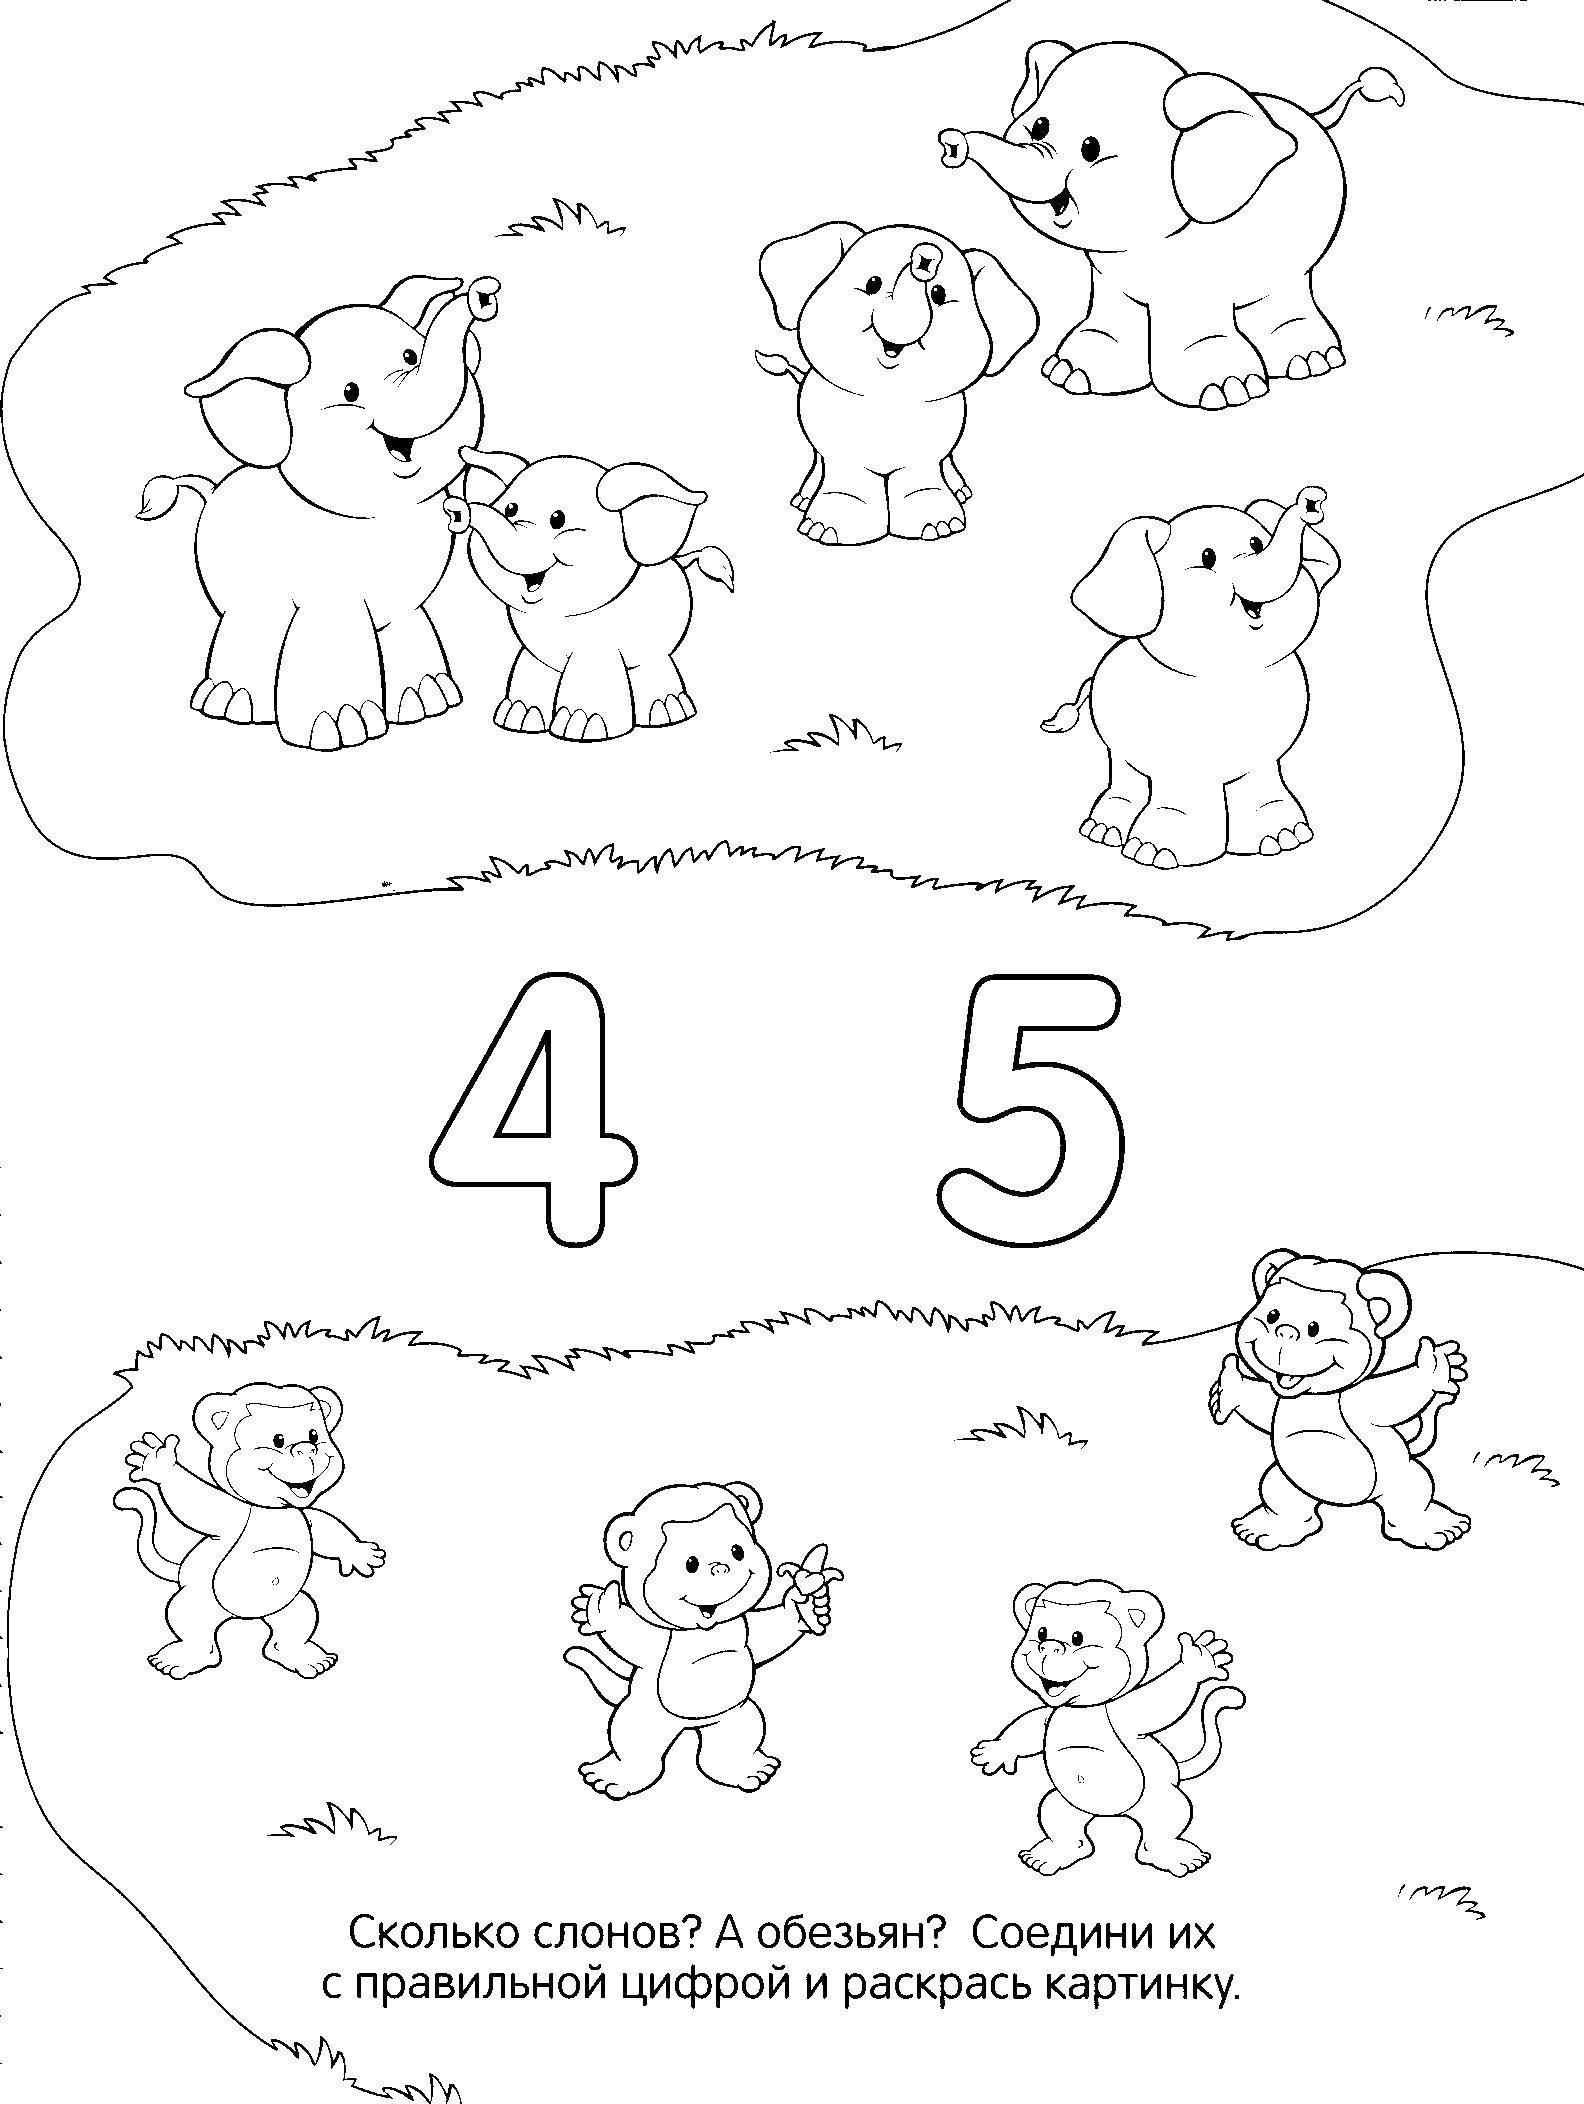 Раскраска Посчитай животных Скачать ,на мышление, логика, задача, загадка,.  Распечатать